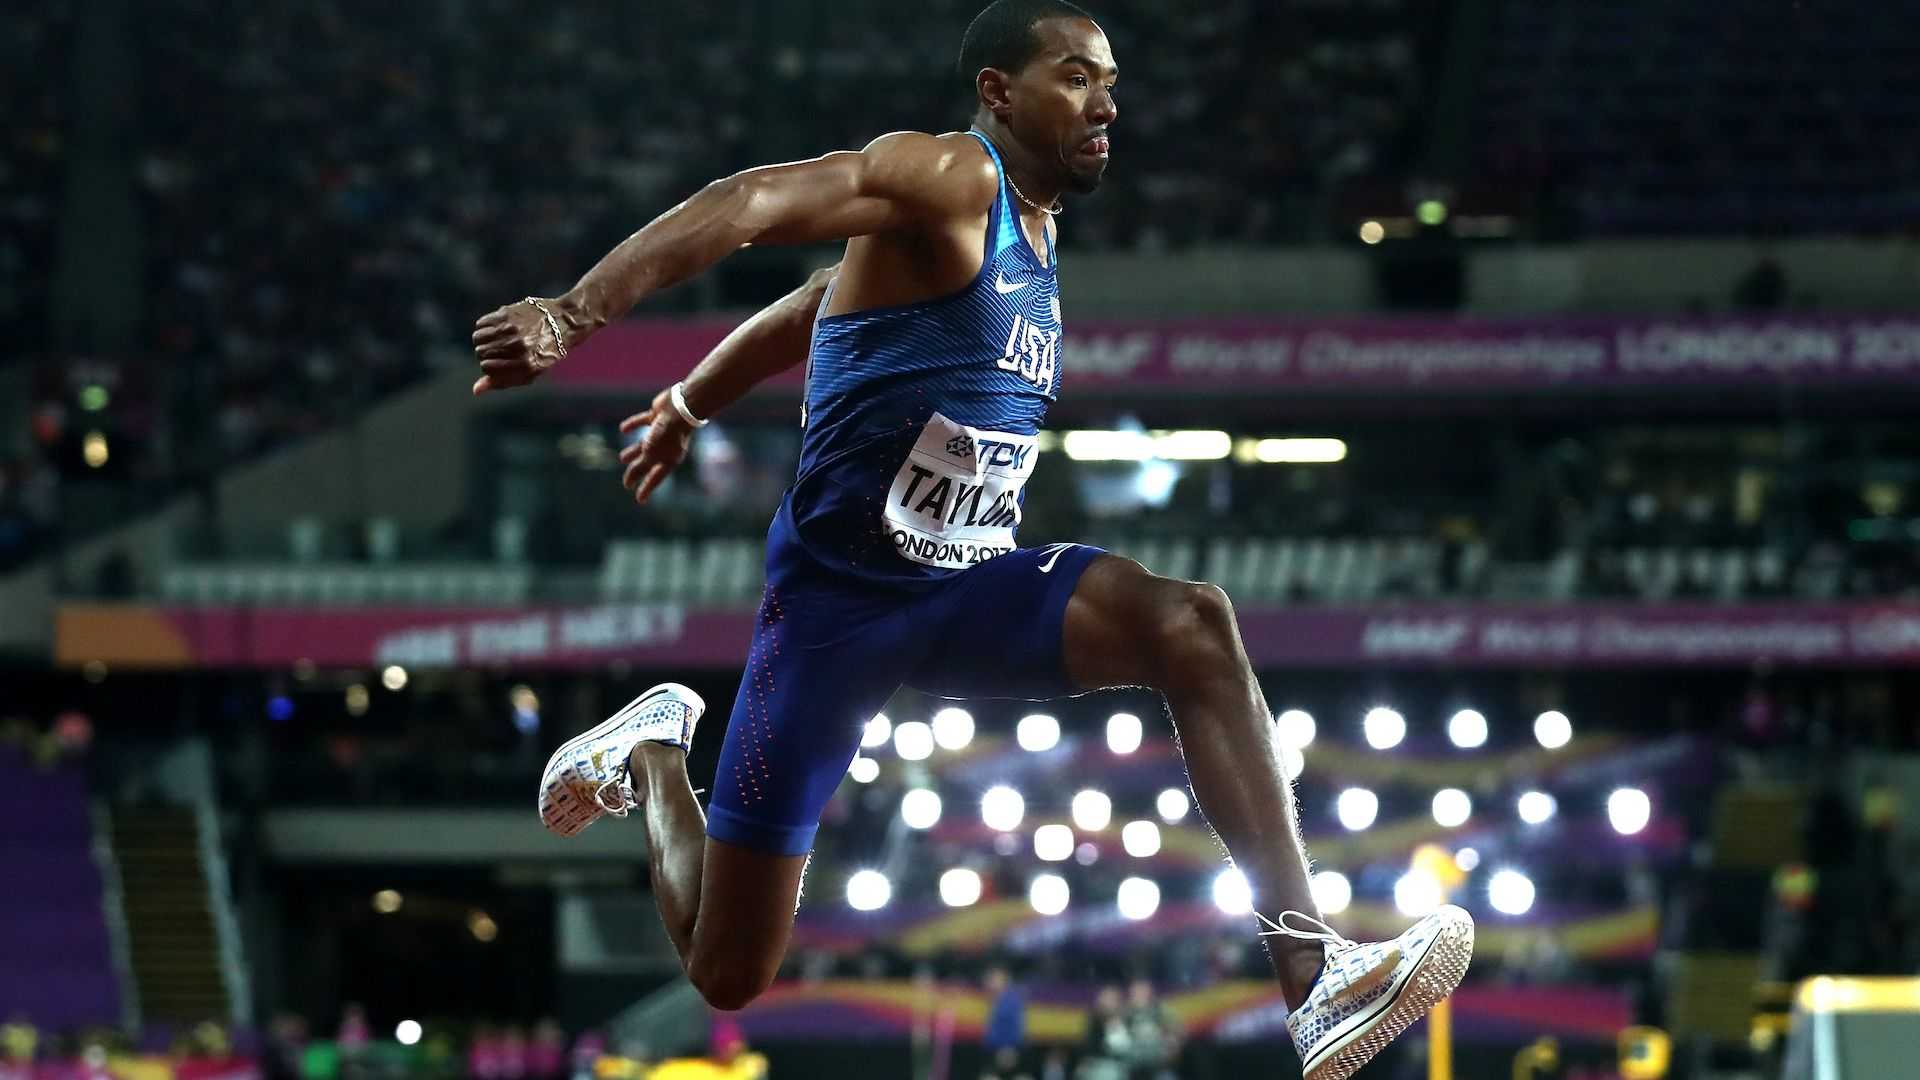 Двукратен олимпийски шампион скъса ахилес и пропуска Токио